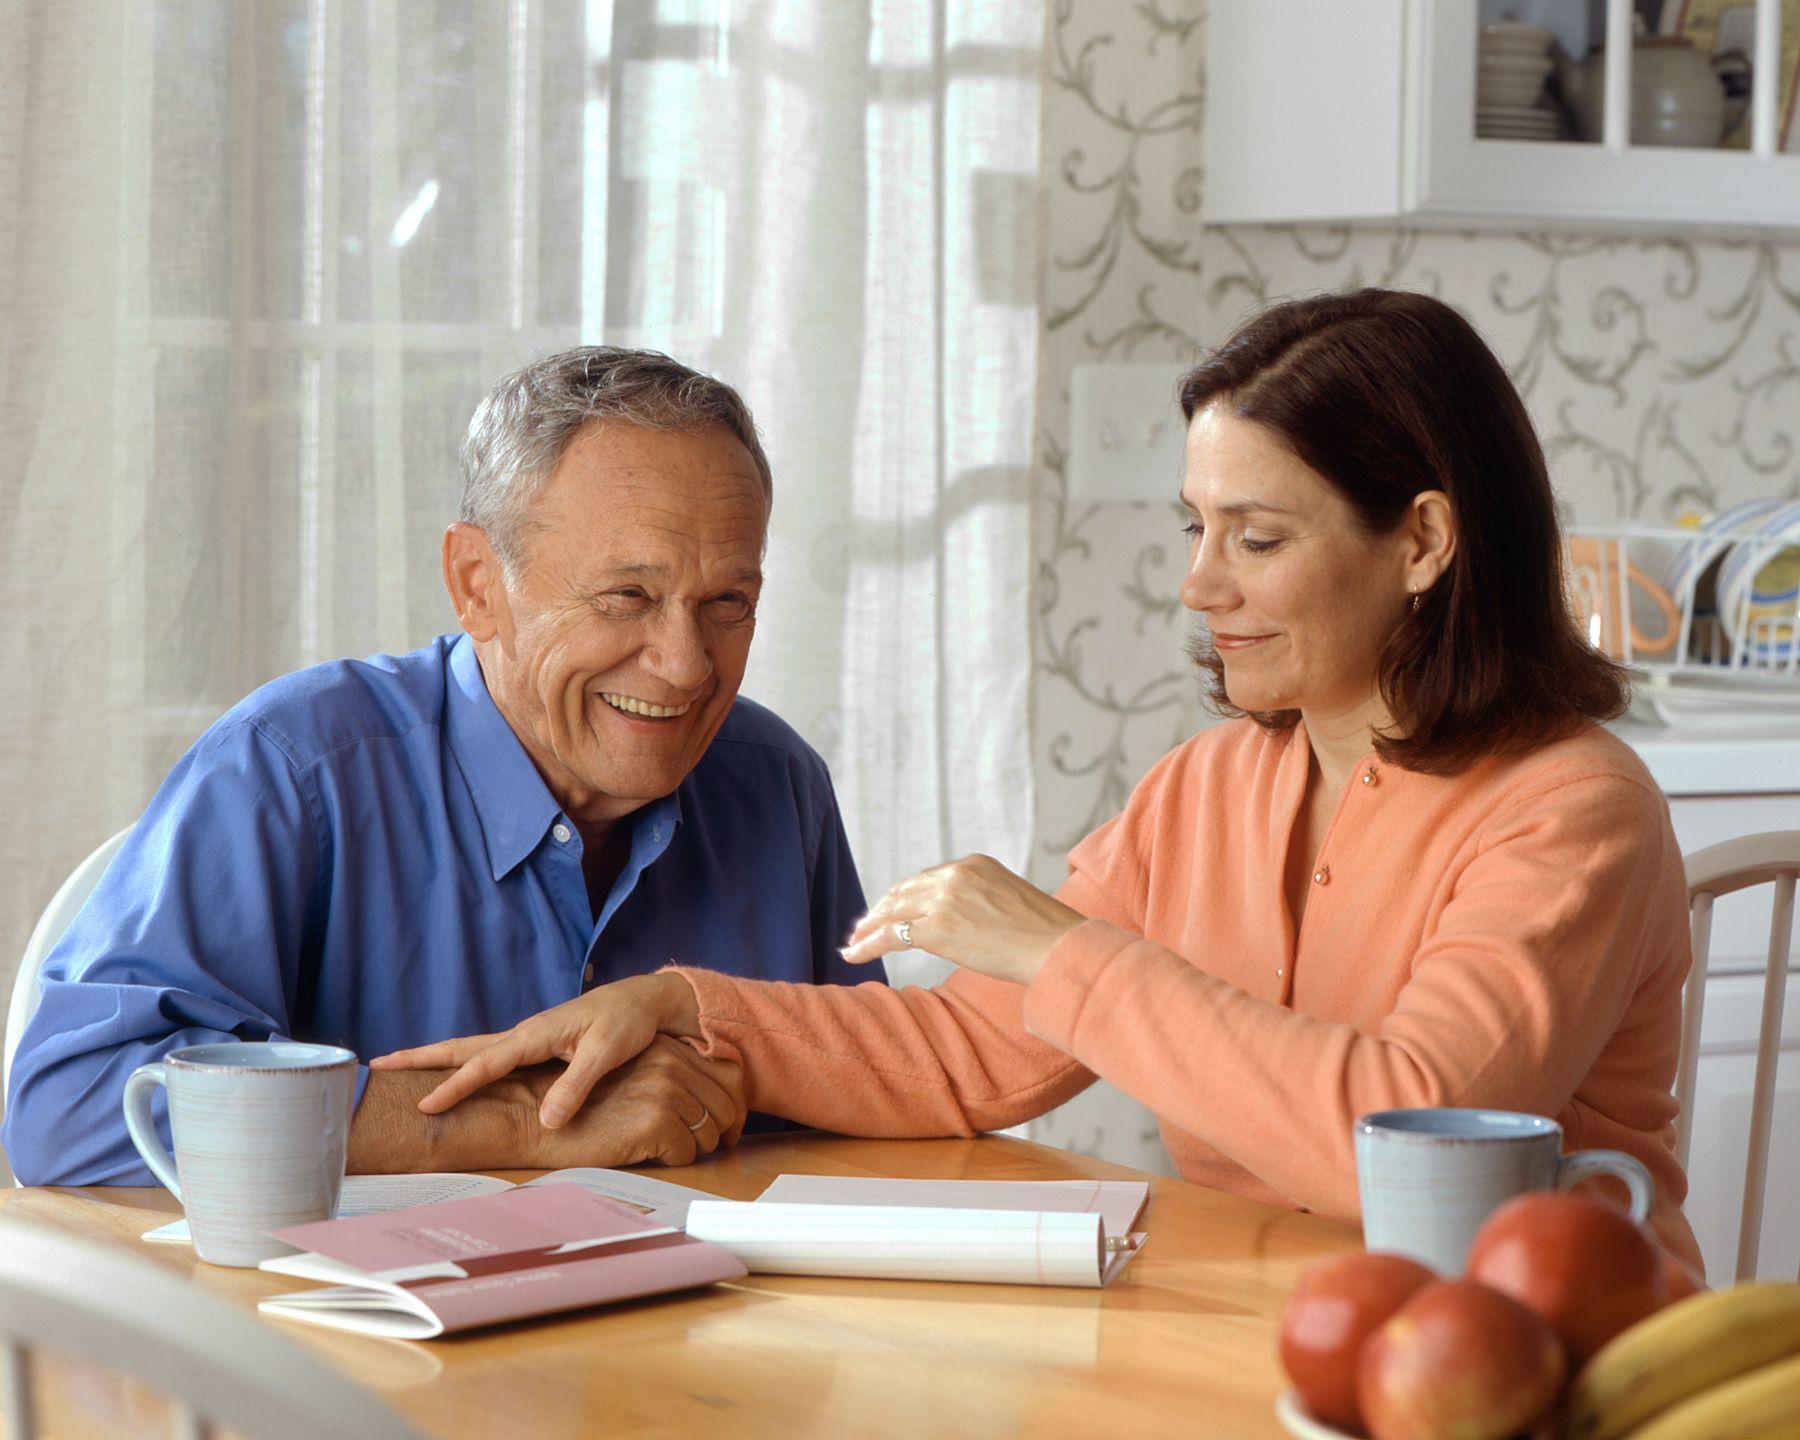 Anziani e badanti: diritti e doveri per regolare il rapporto